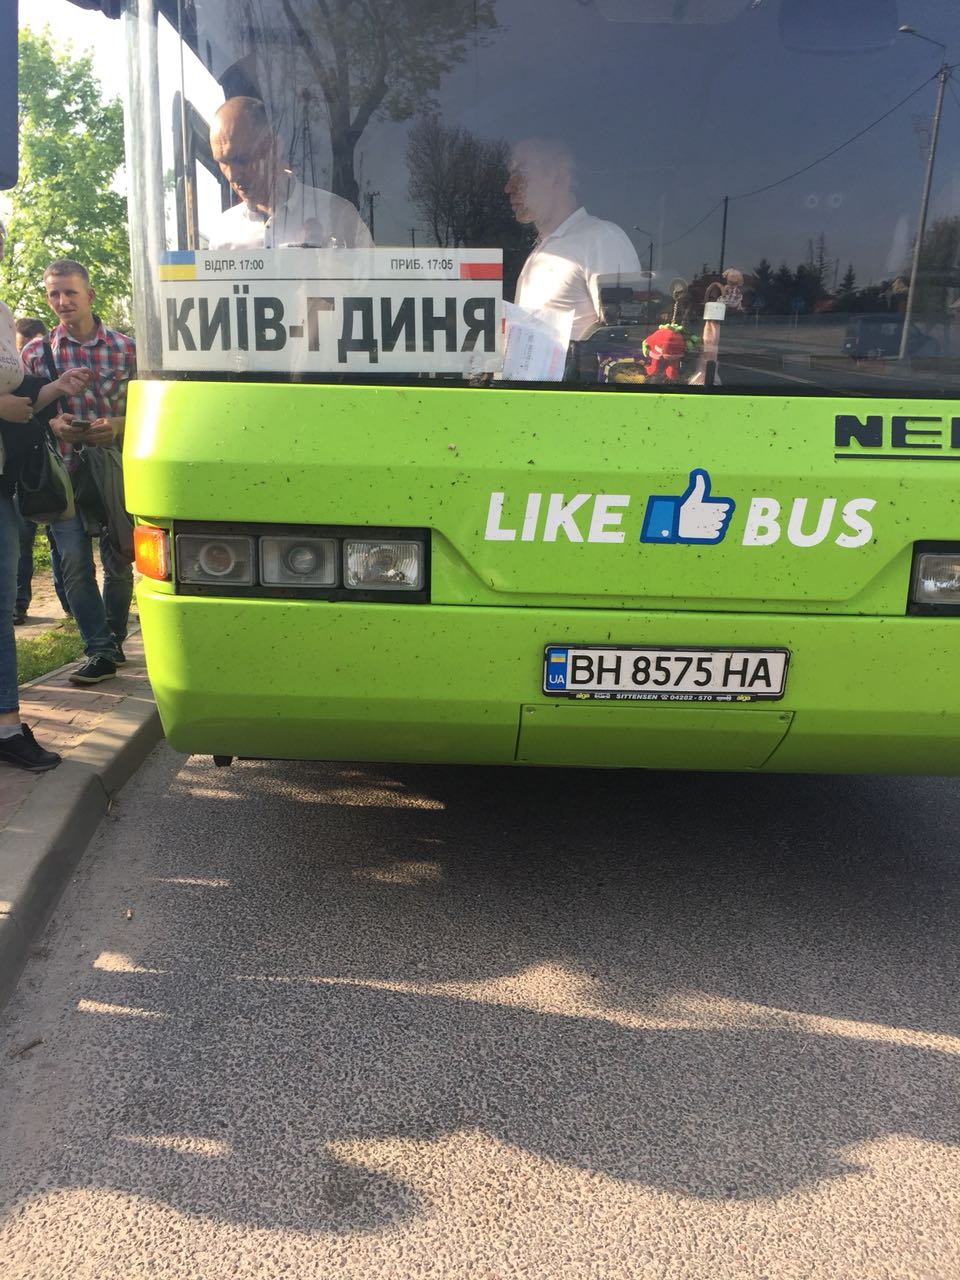 Busfor.ua - Самый опасный и ужасный перевозчик !